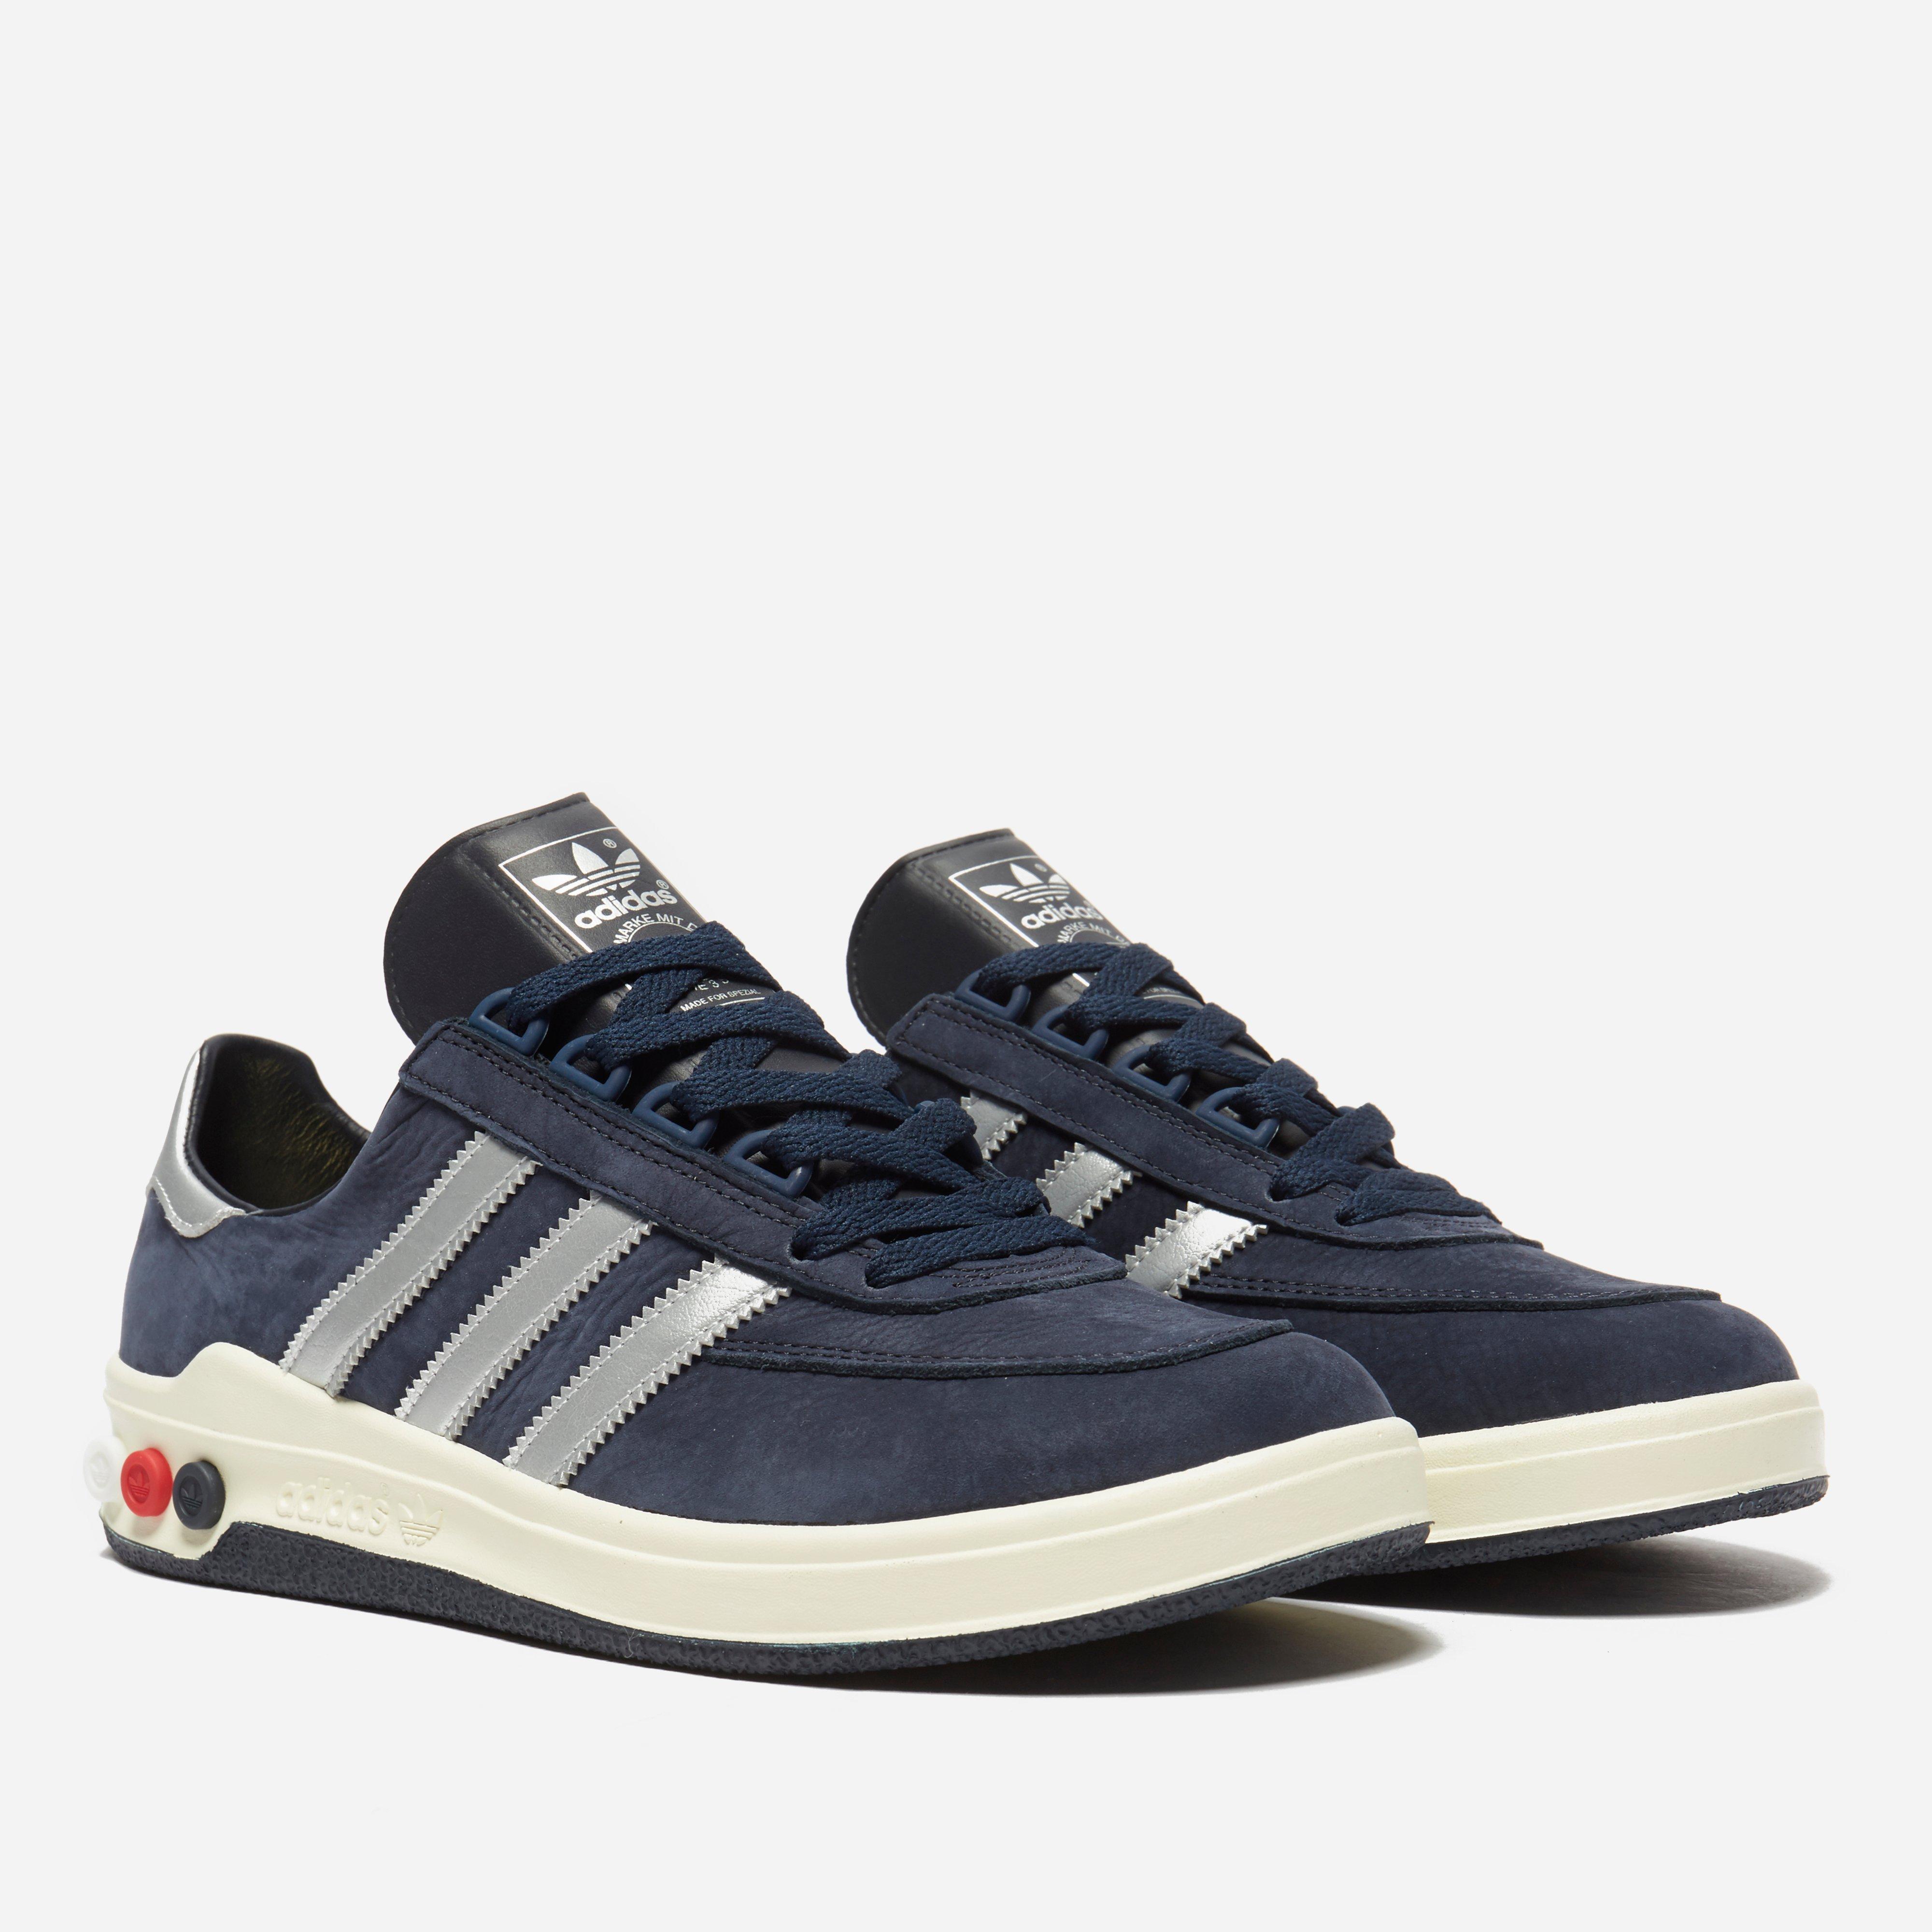 5e7c064ffb44 Lyst - Adidas Originals Adidas Originals Columbia Spzl in Blue for Men